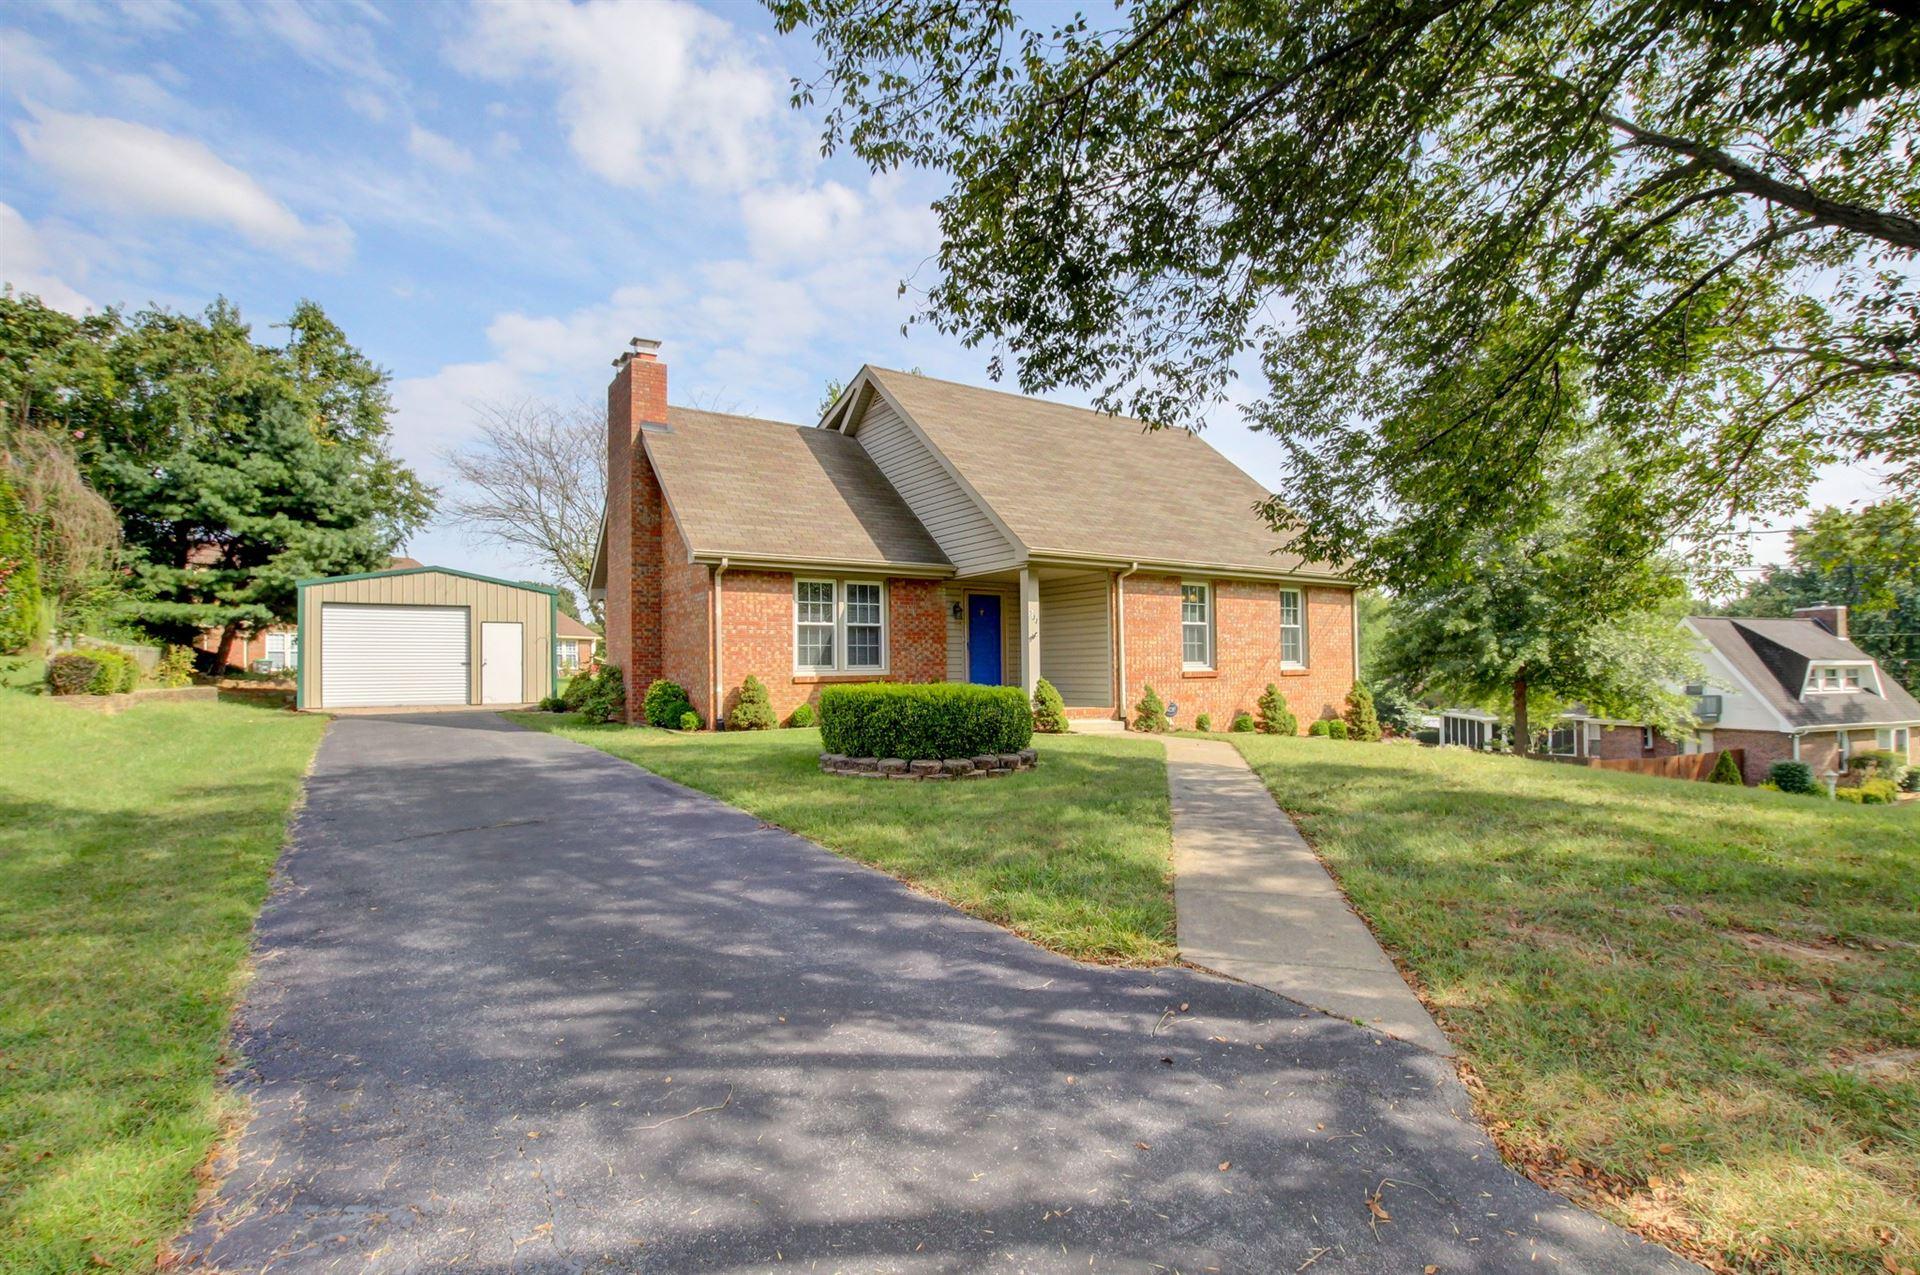 533 Westwood Dr, Clarksville, TN 37043 - MLS#: 2191149